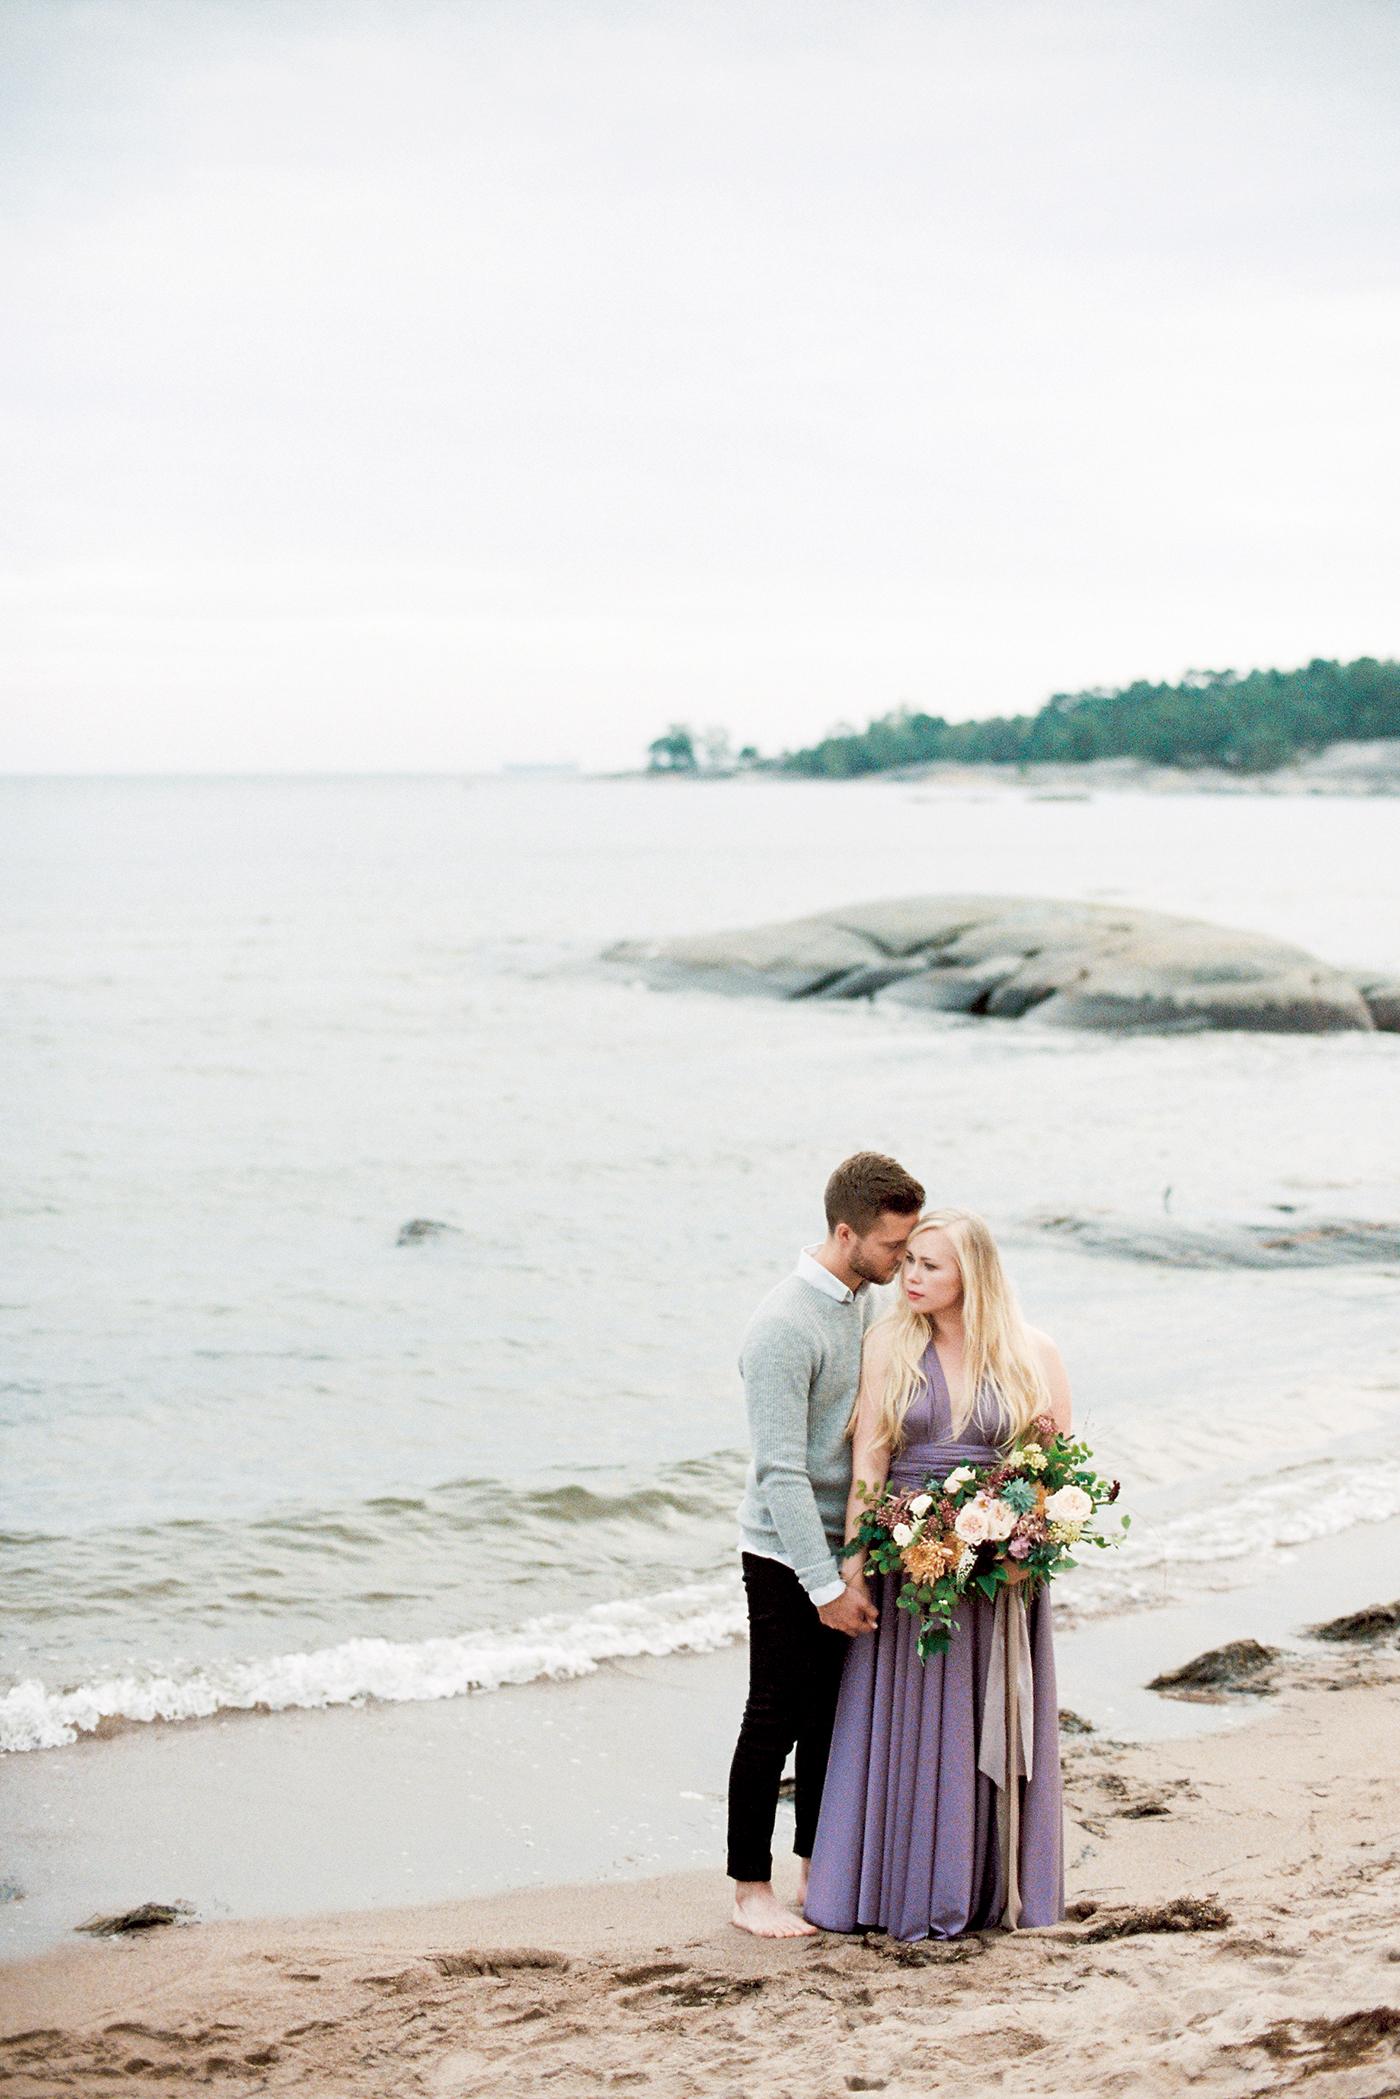 Sari & Mikko - Beach Engagement Couple Shoot in Hanko kihlakuvaus parikuvaus - Susanna Nordvall - Hey Look (31).jpg